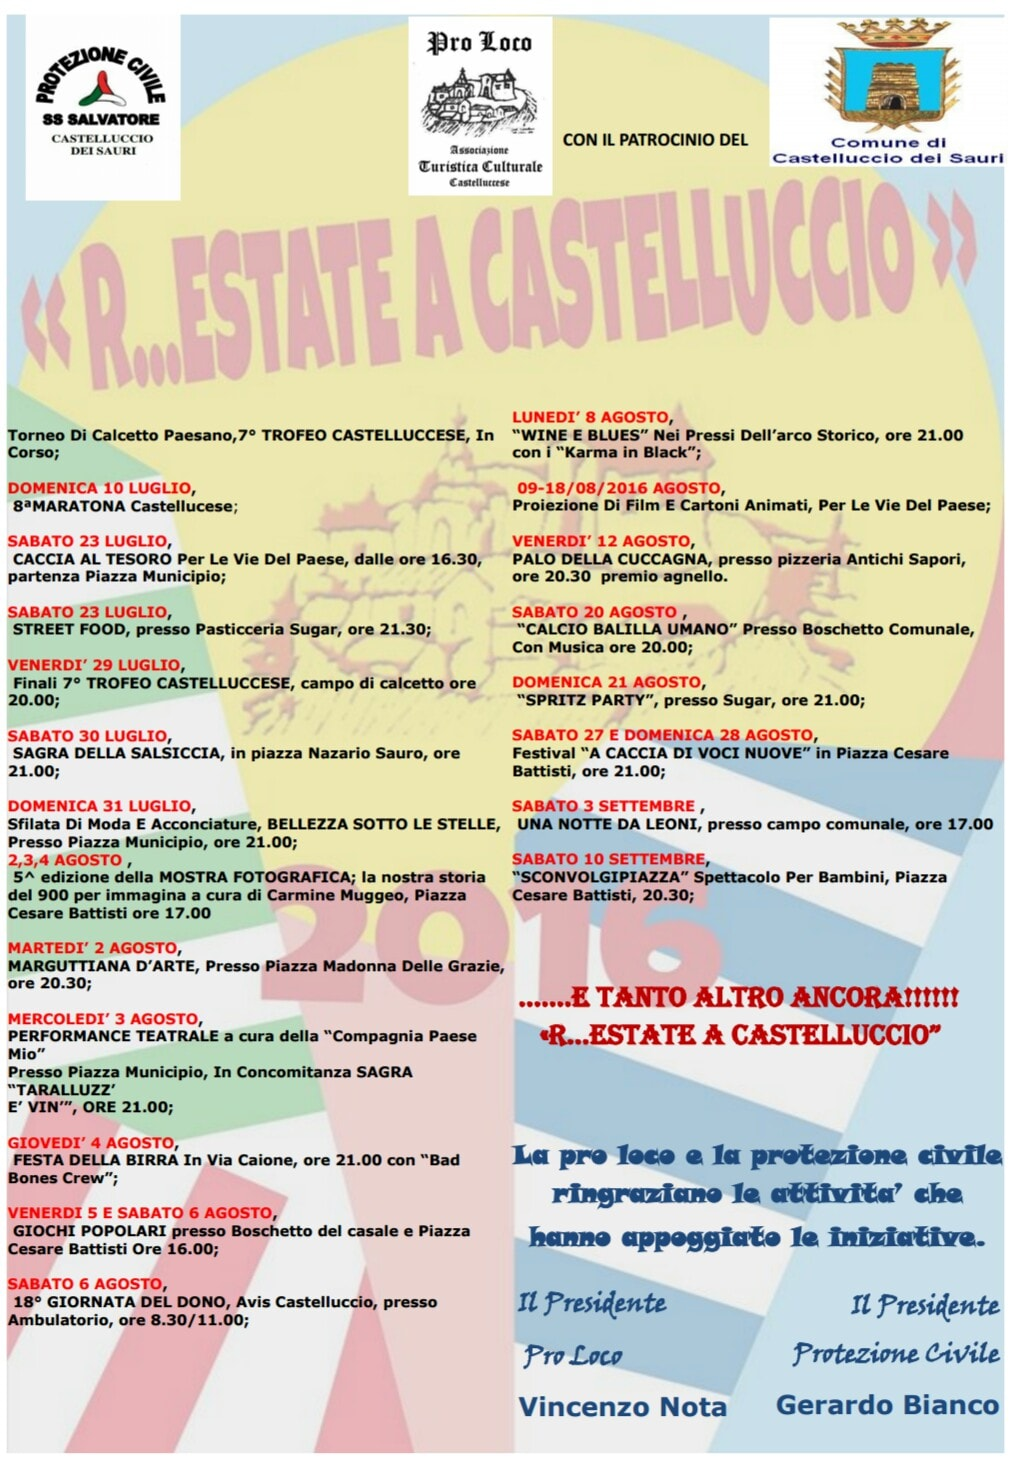 Castelluccio Dei sauri-2